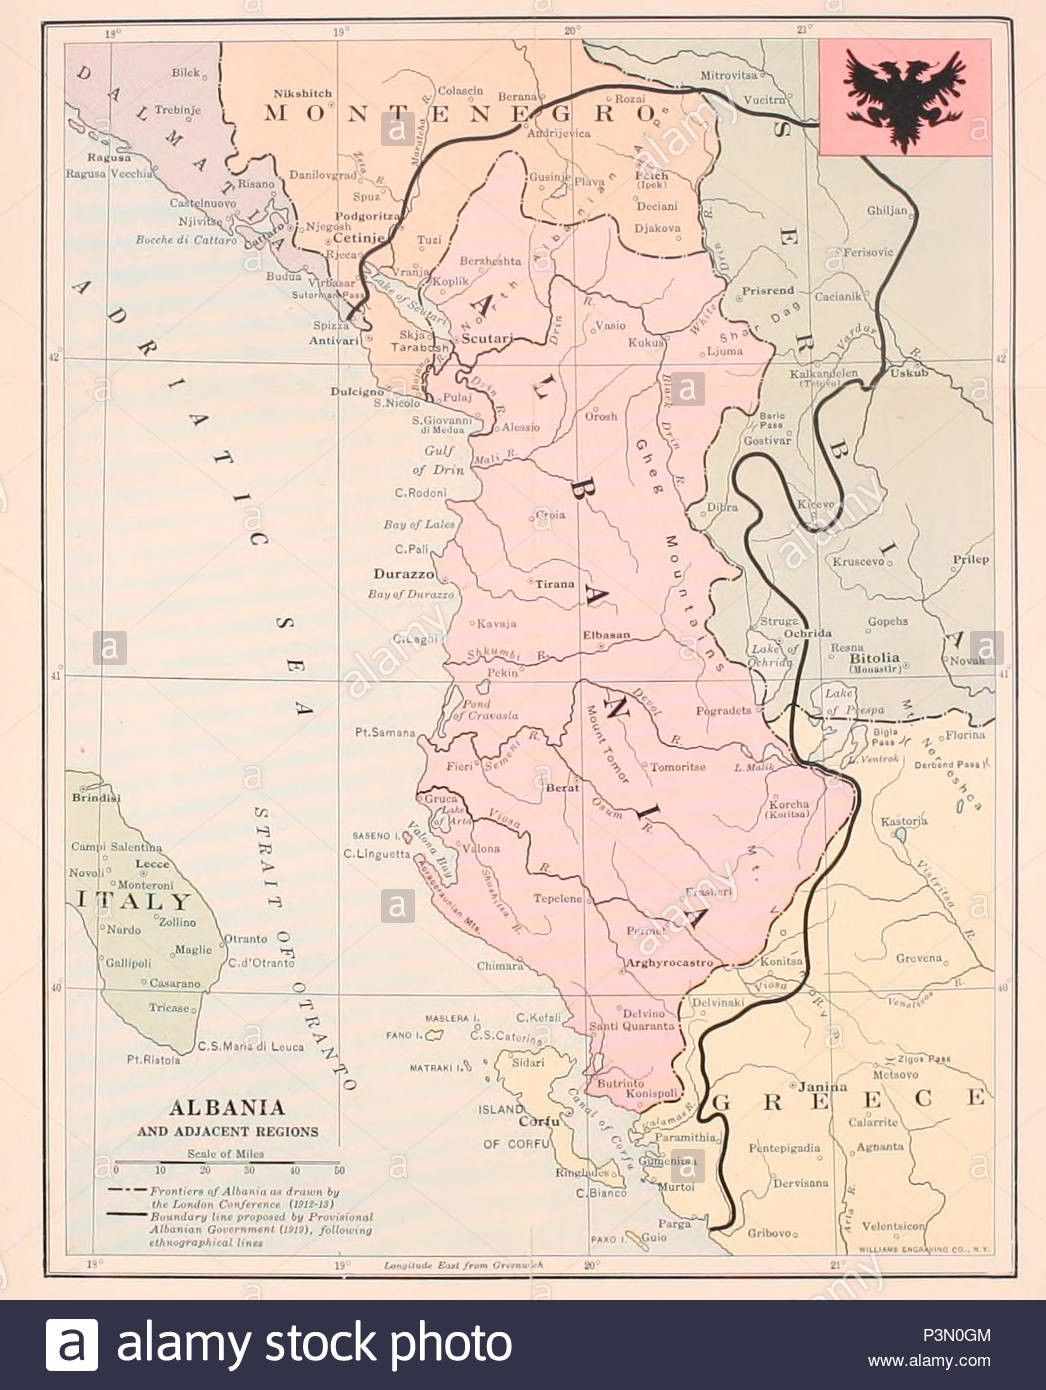 Karte Albanien.Pin Von Arti Pamor Auf Albania Kartographie Und Karten